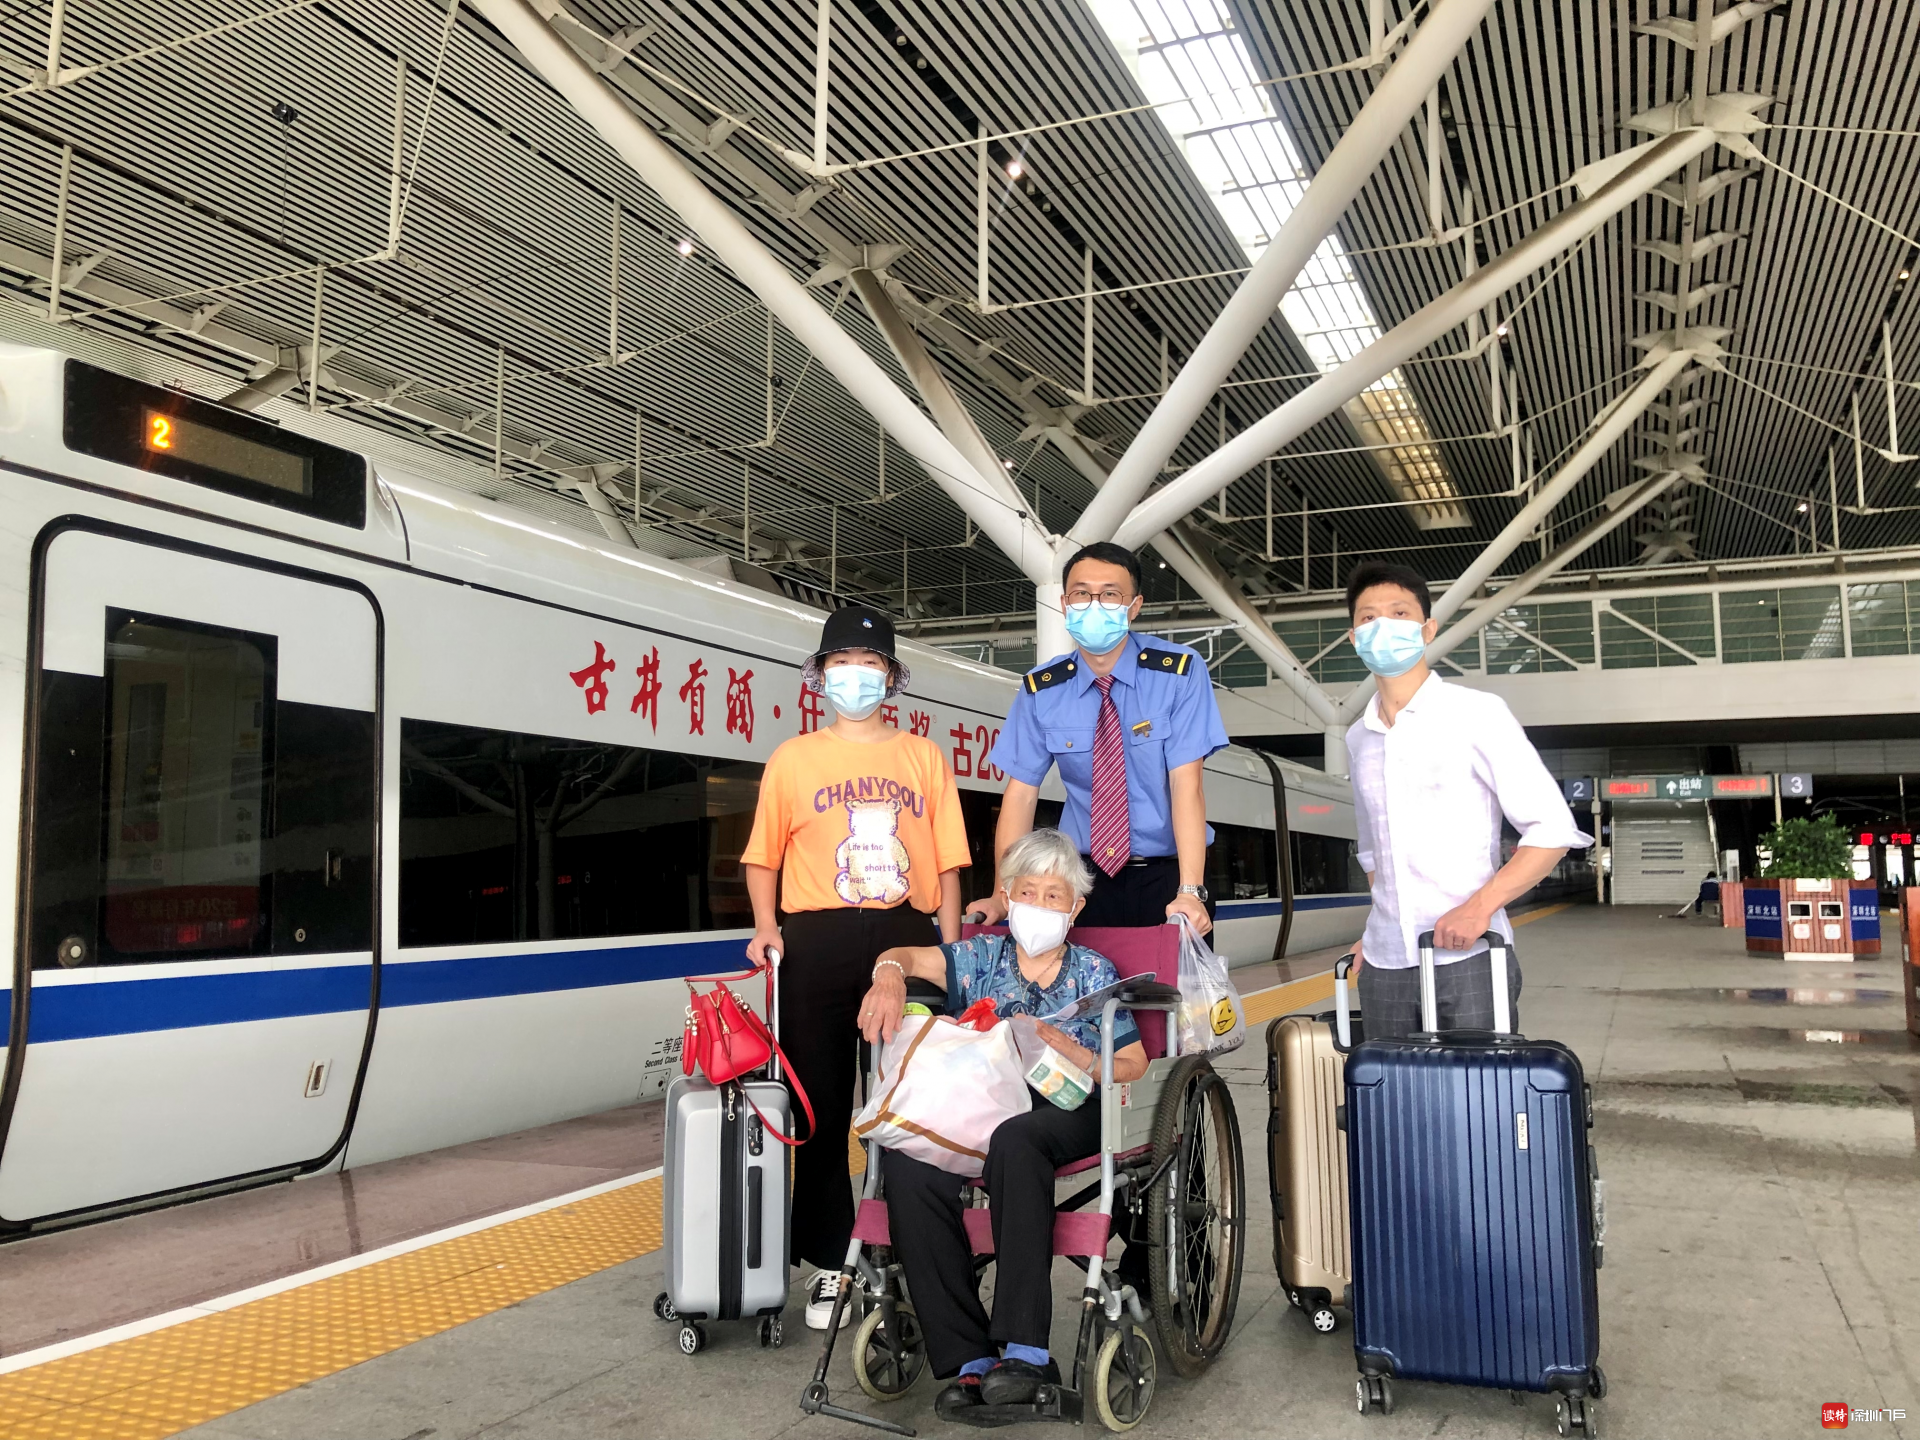 邝勇:深圳北站的暖心服务者